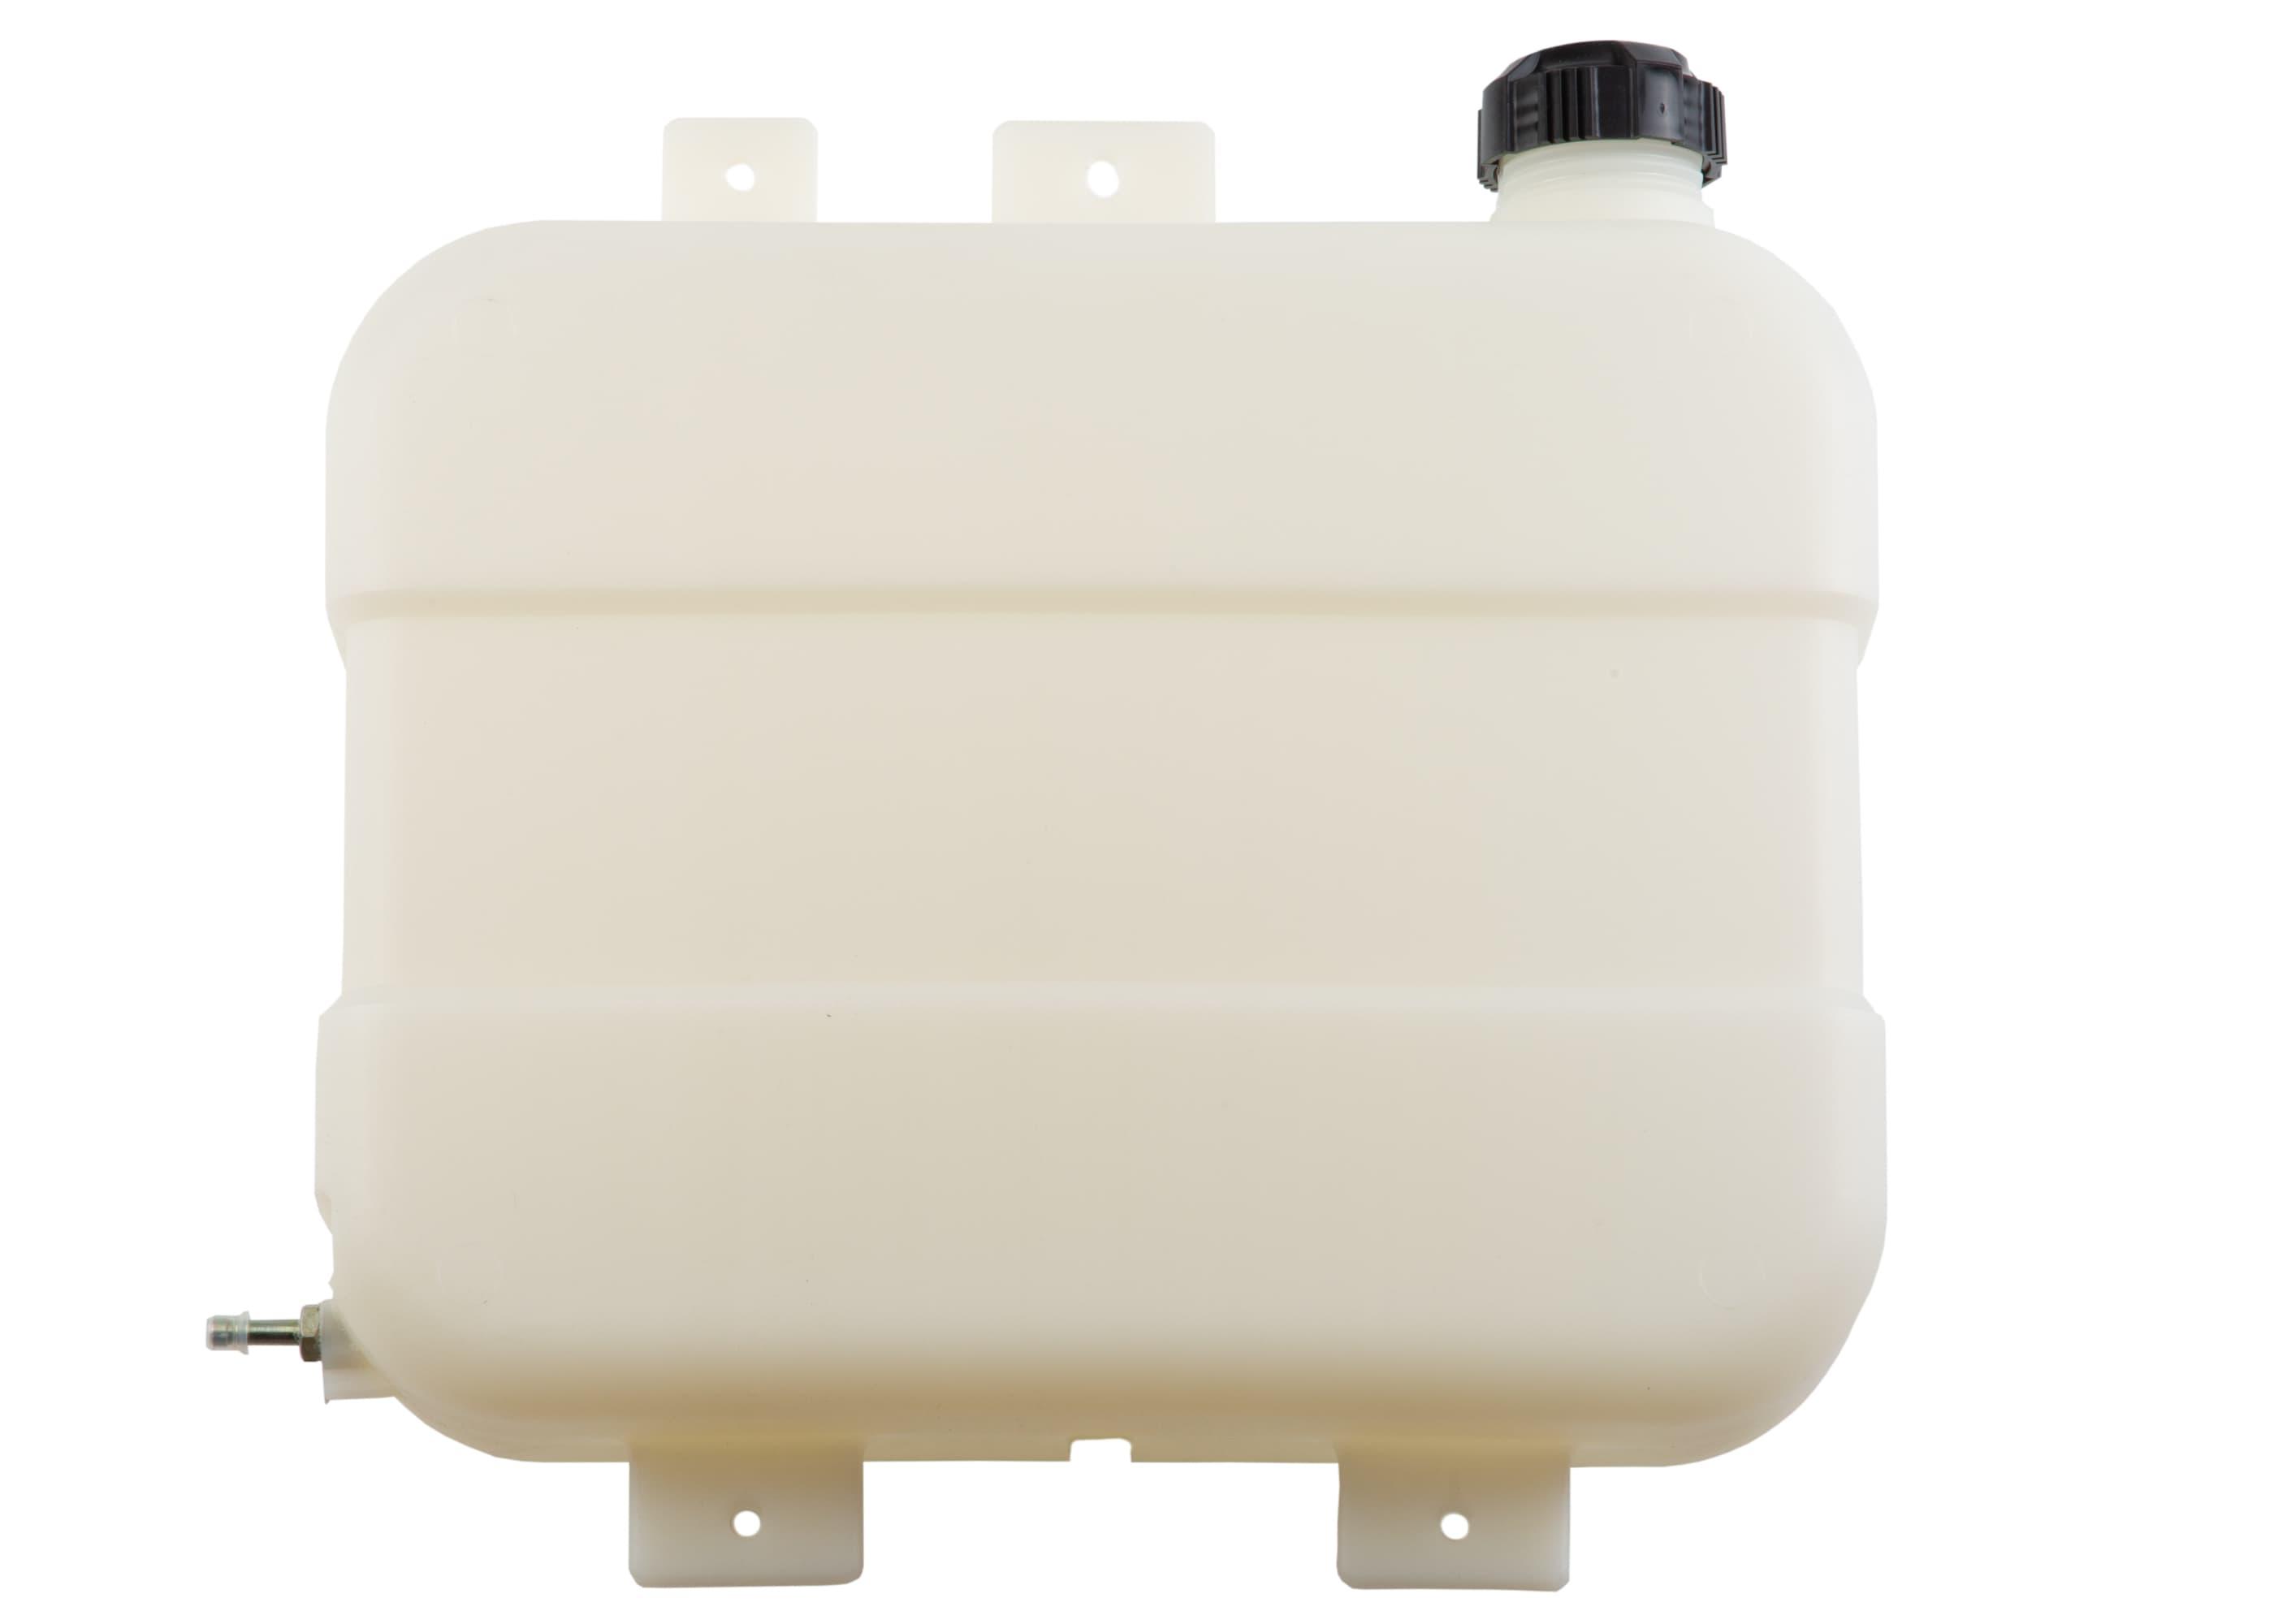 42915-Planar Diesel-Luftheizung 44D DELUXE URAL EDITION-4kW-5.jpg